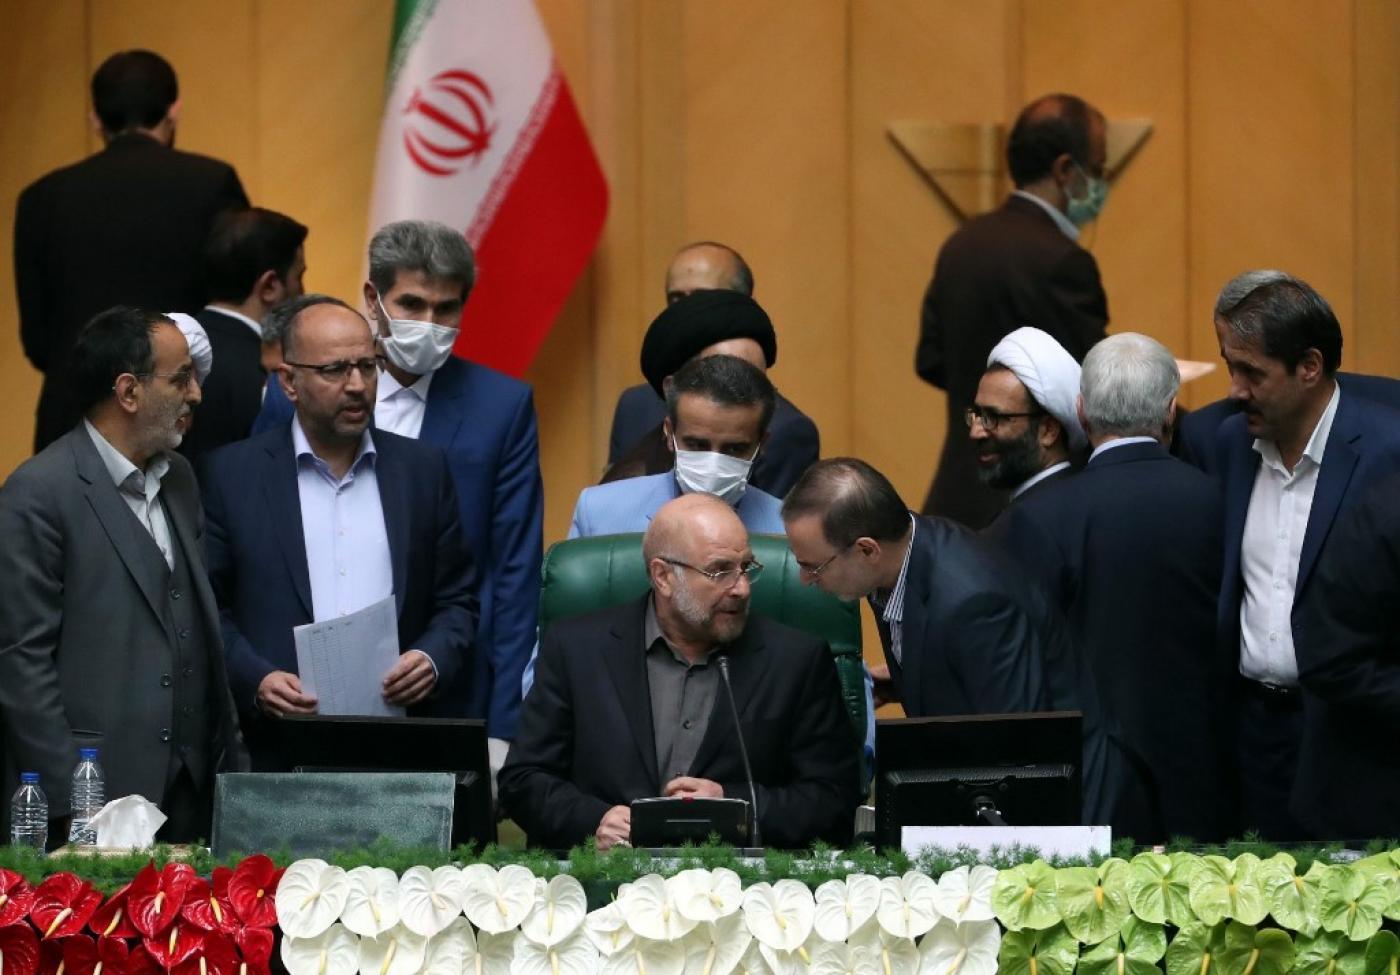 هل يمكن أن يعول الشعب الإيراني على برلمانه بعد مئة يوم من انطلاقه؟!